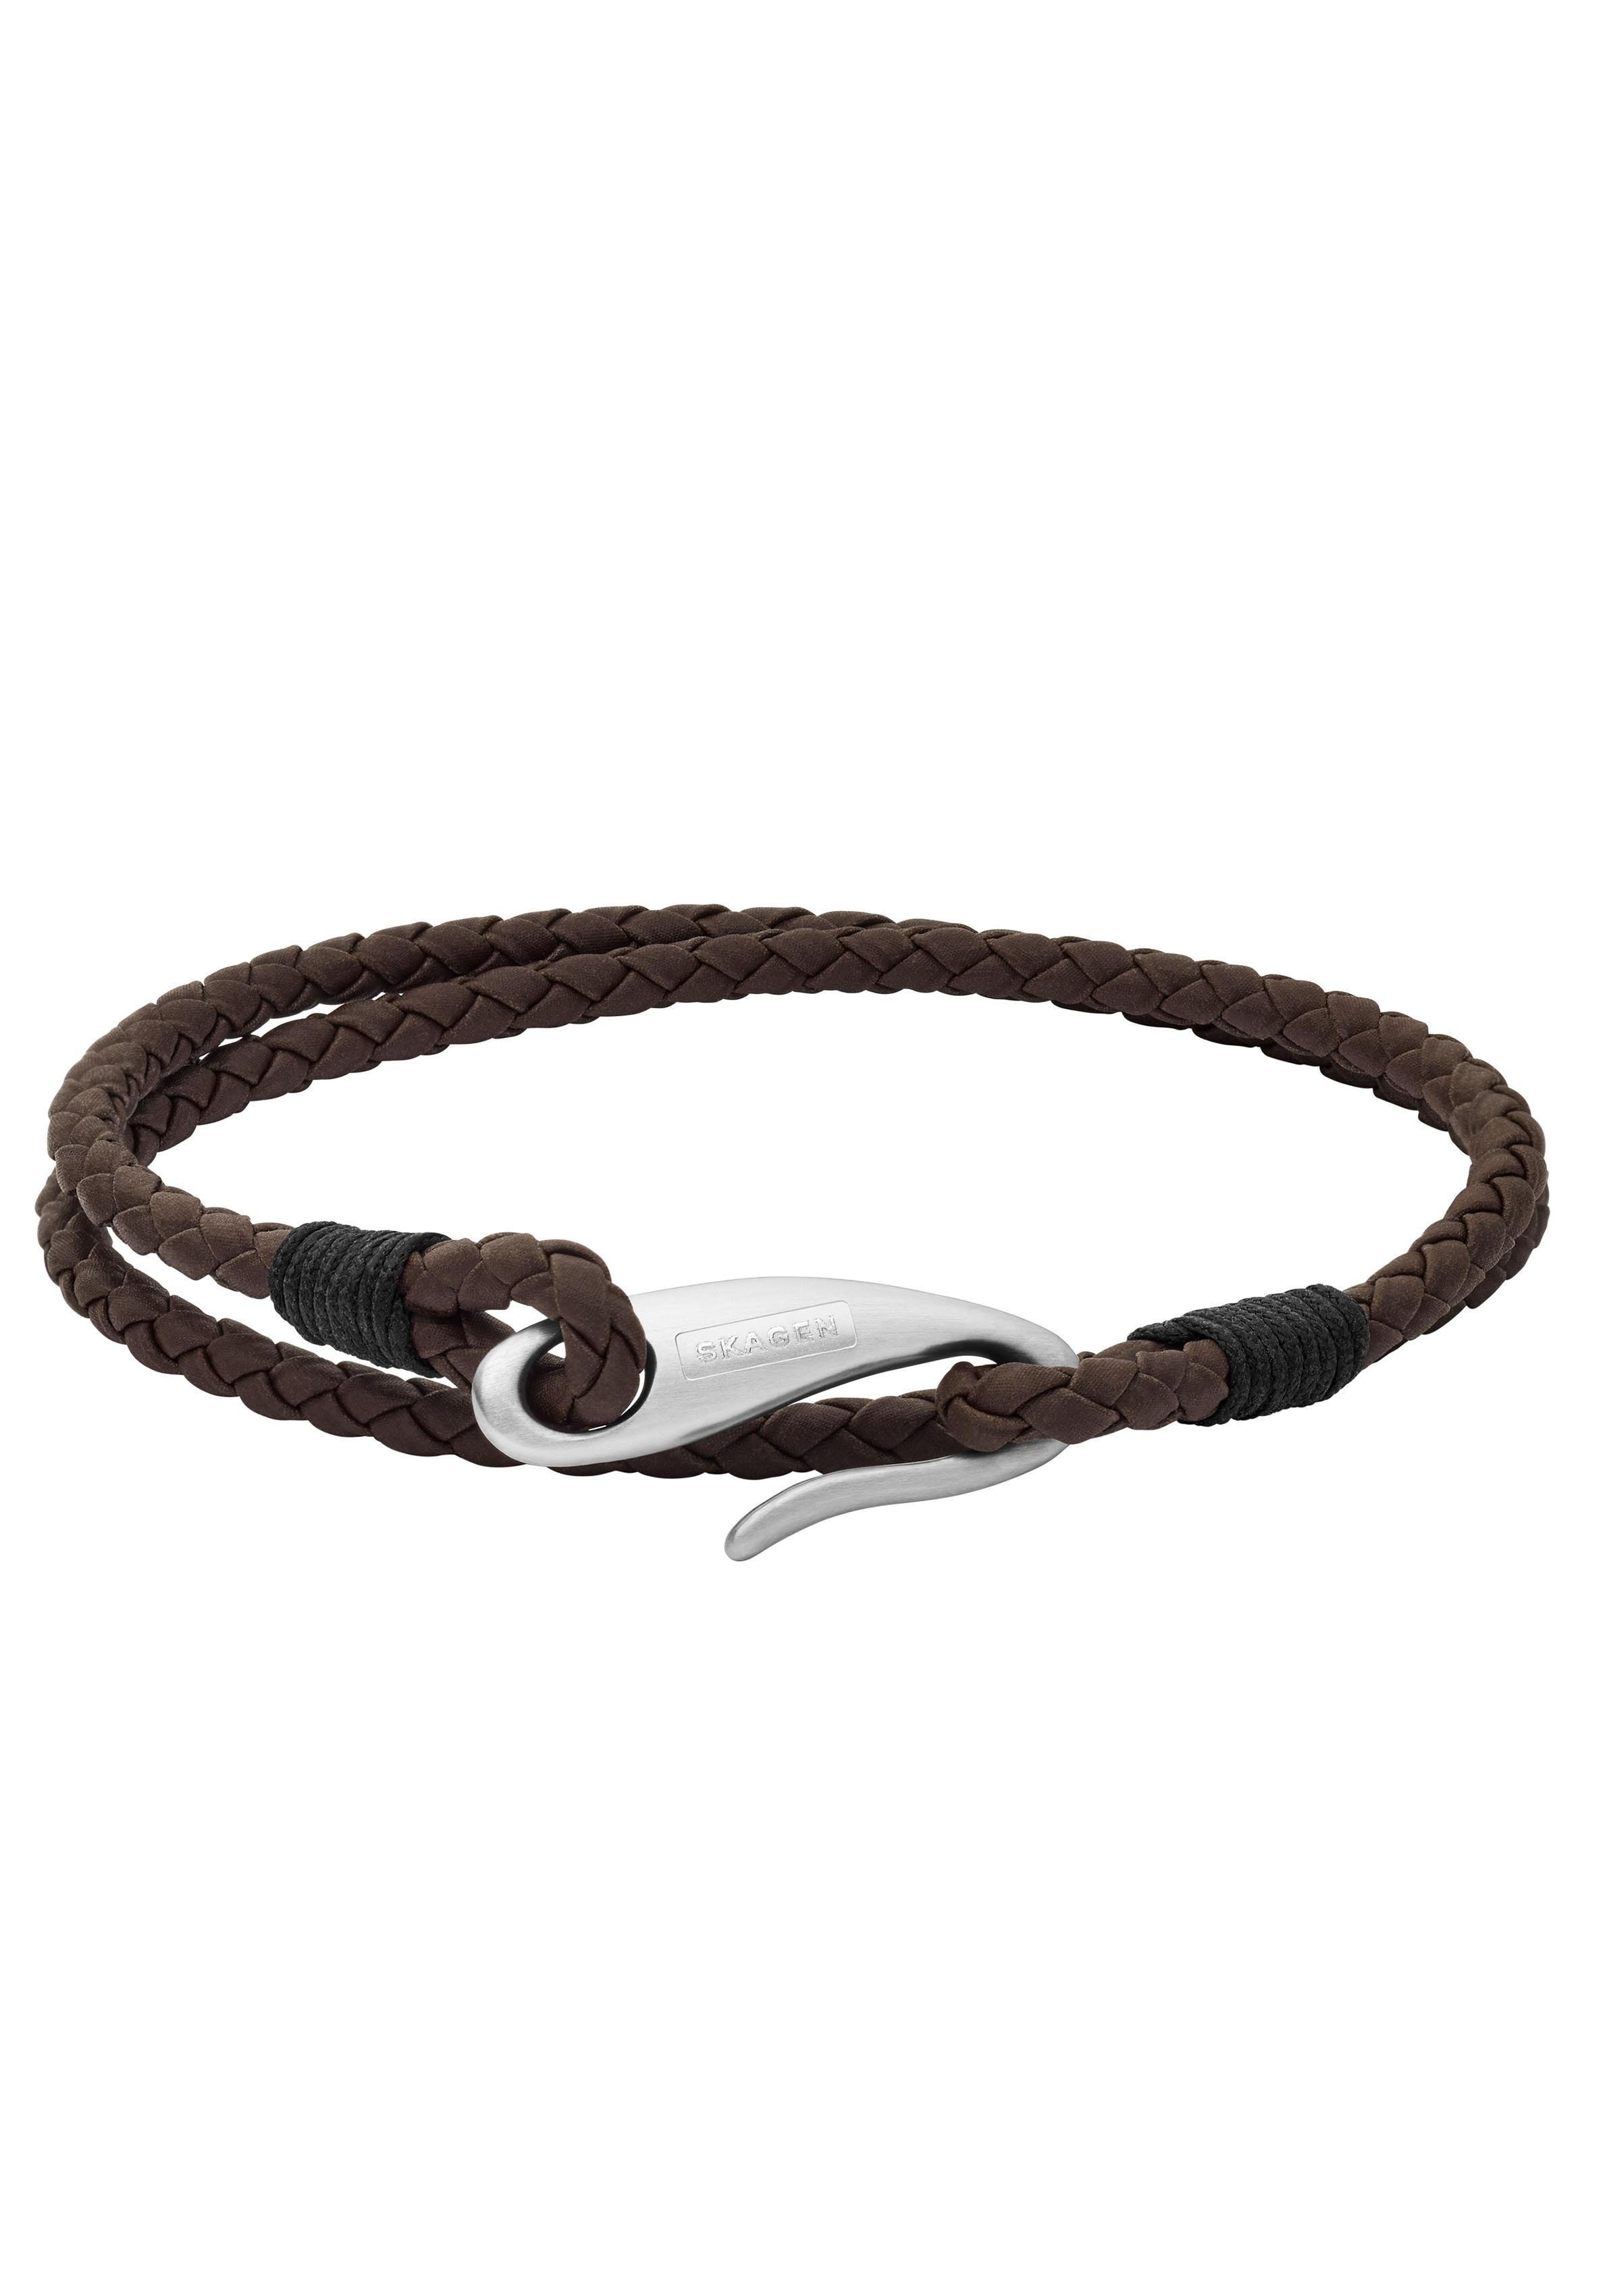 skagen -  Armband HULSTEN, SKJM0174040